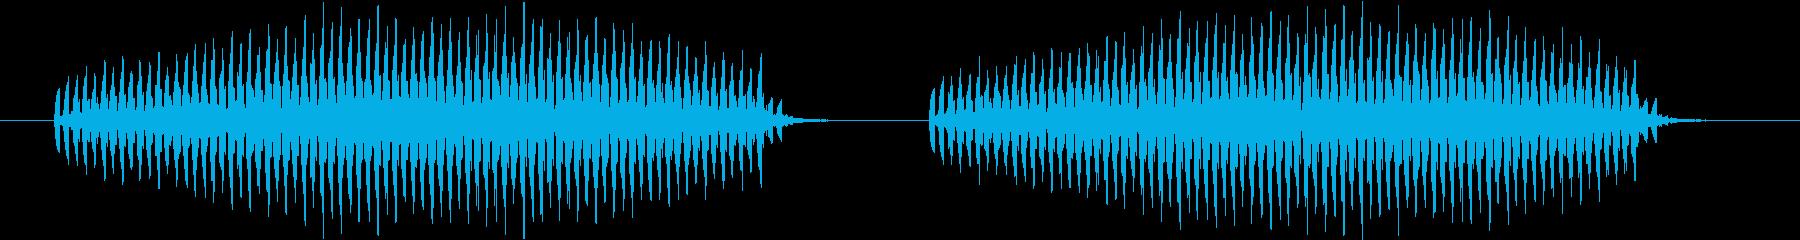 キリキリキリキリというシンセ音(虫)の再生済みの波形